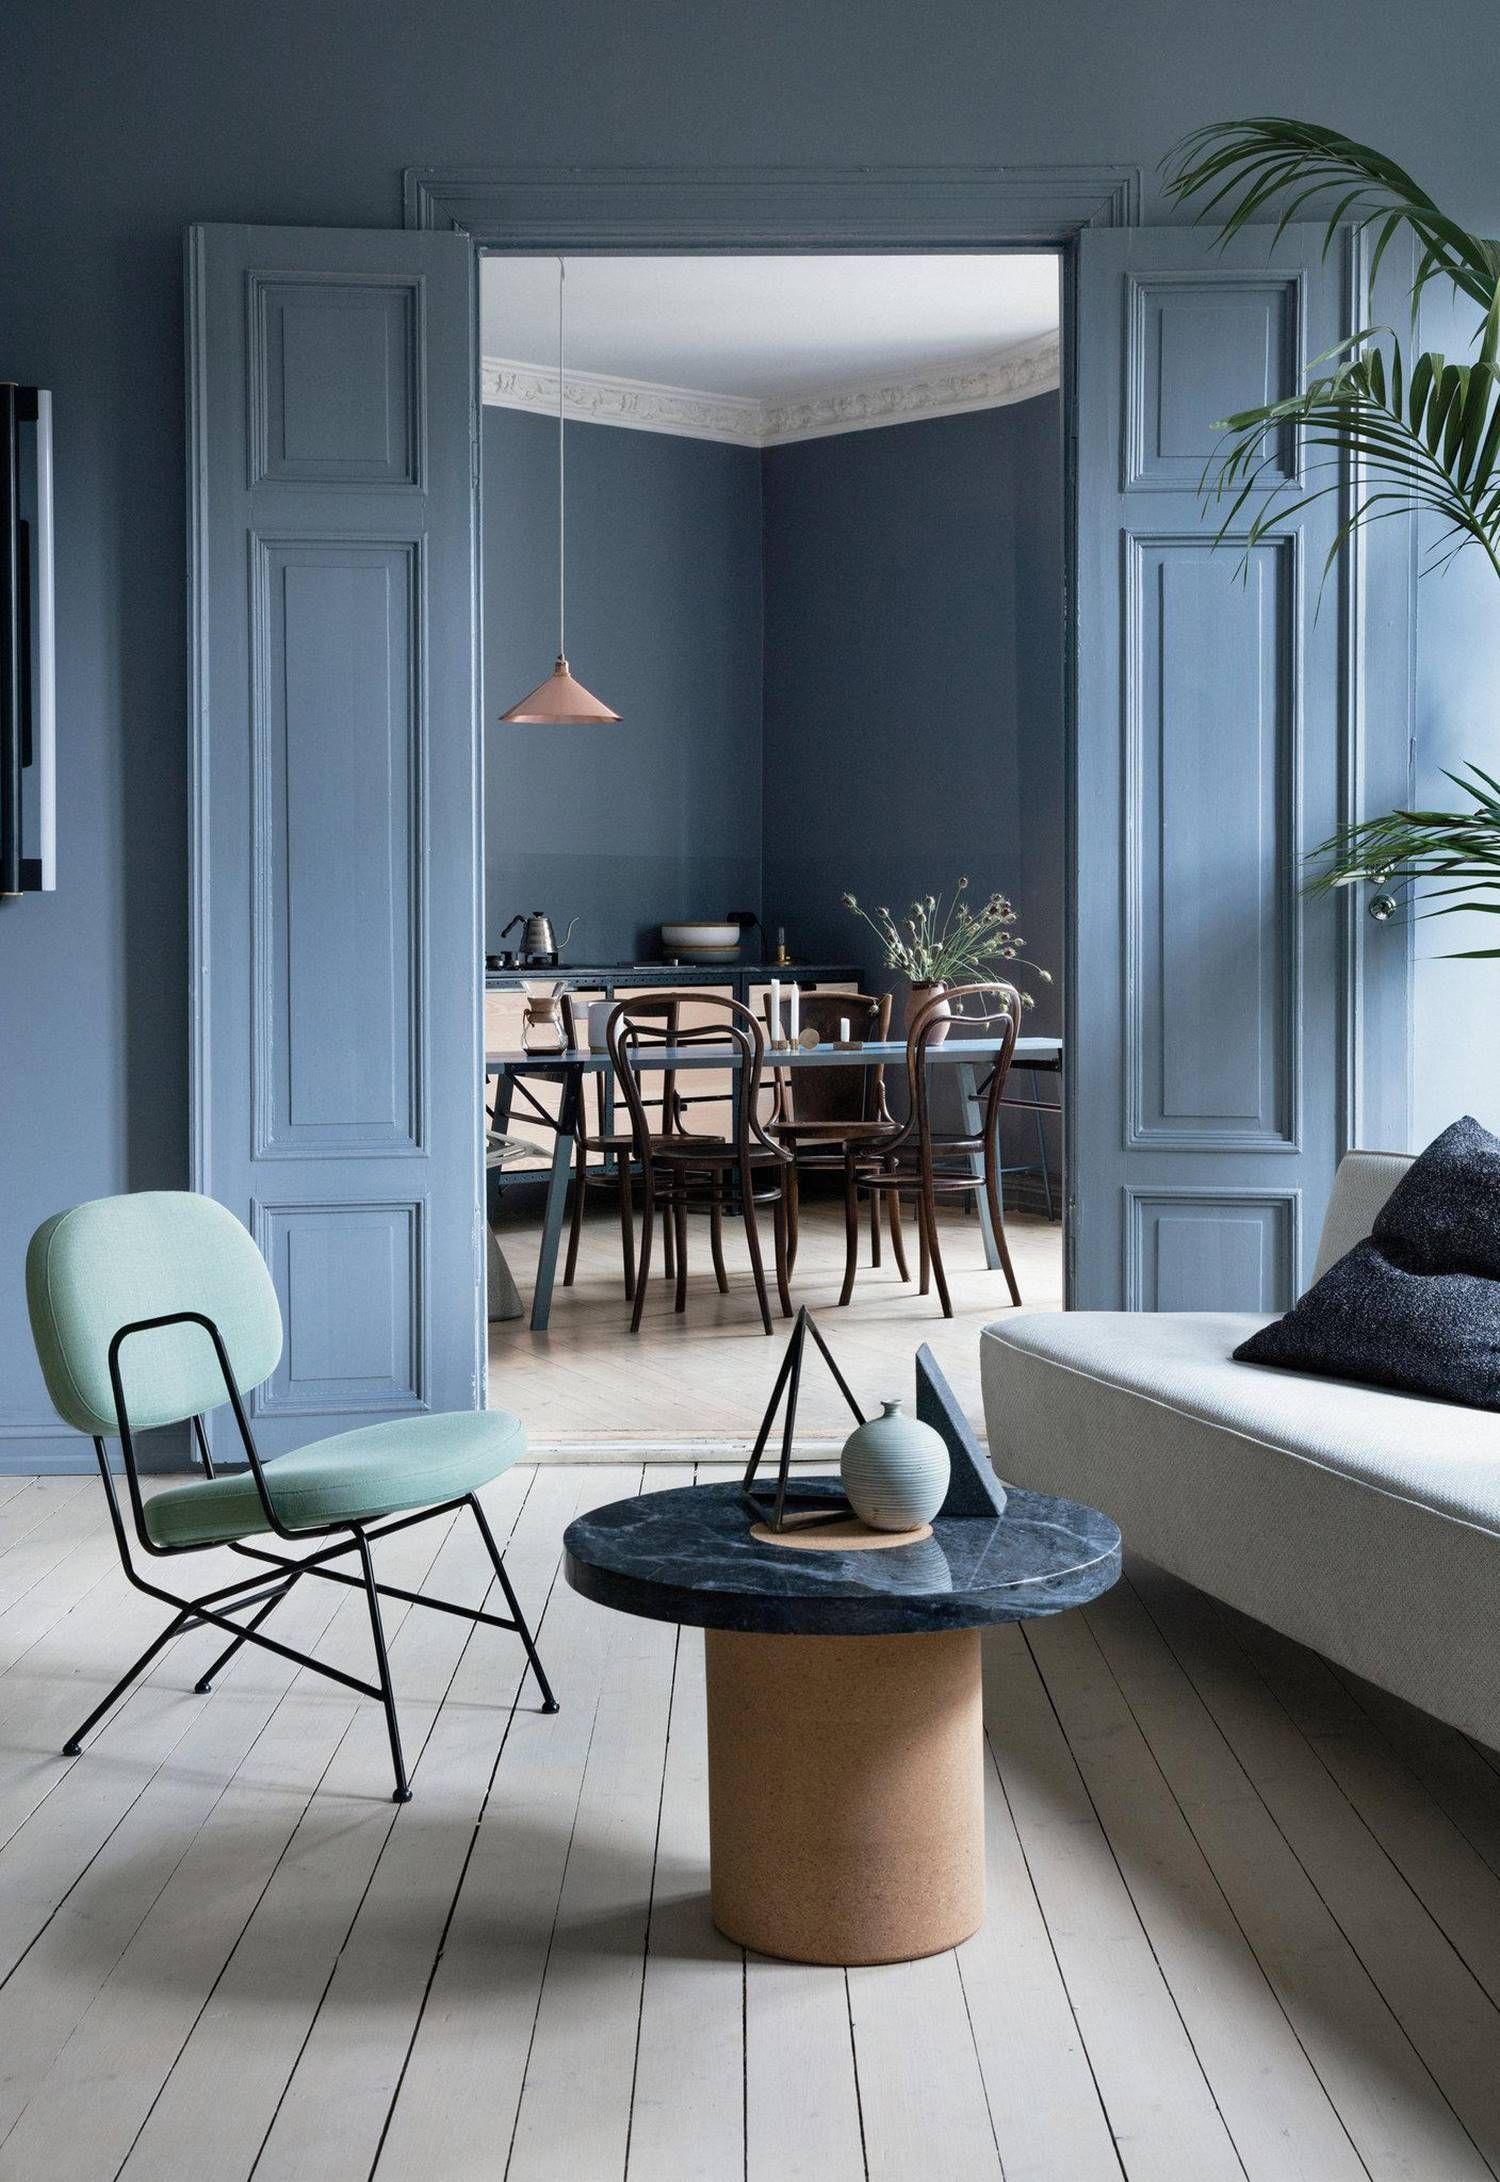 Dipingere Le Porte Di Casa 7 motivi per dipingere le porte di casa | interior, home